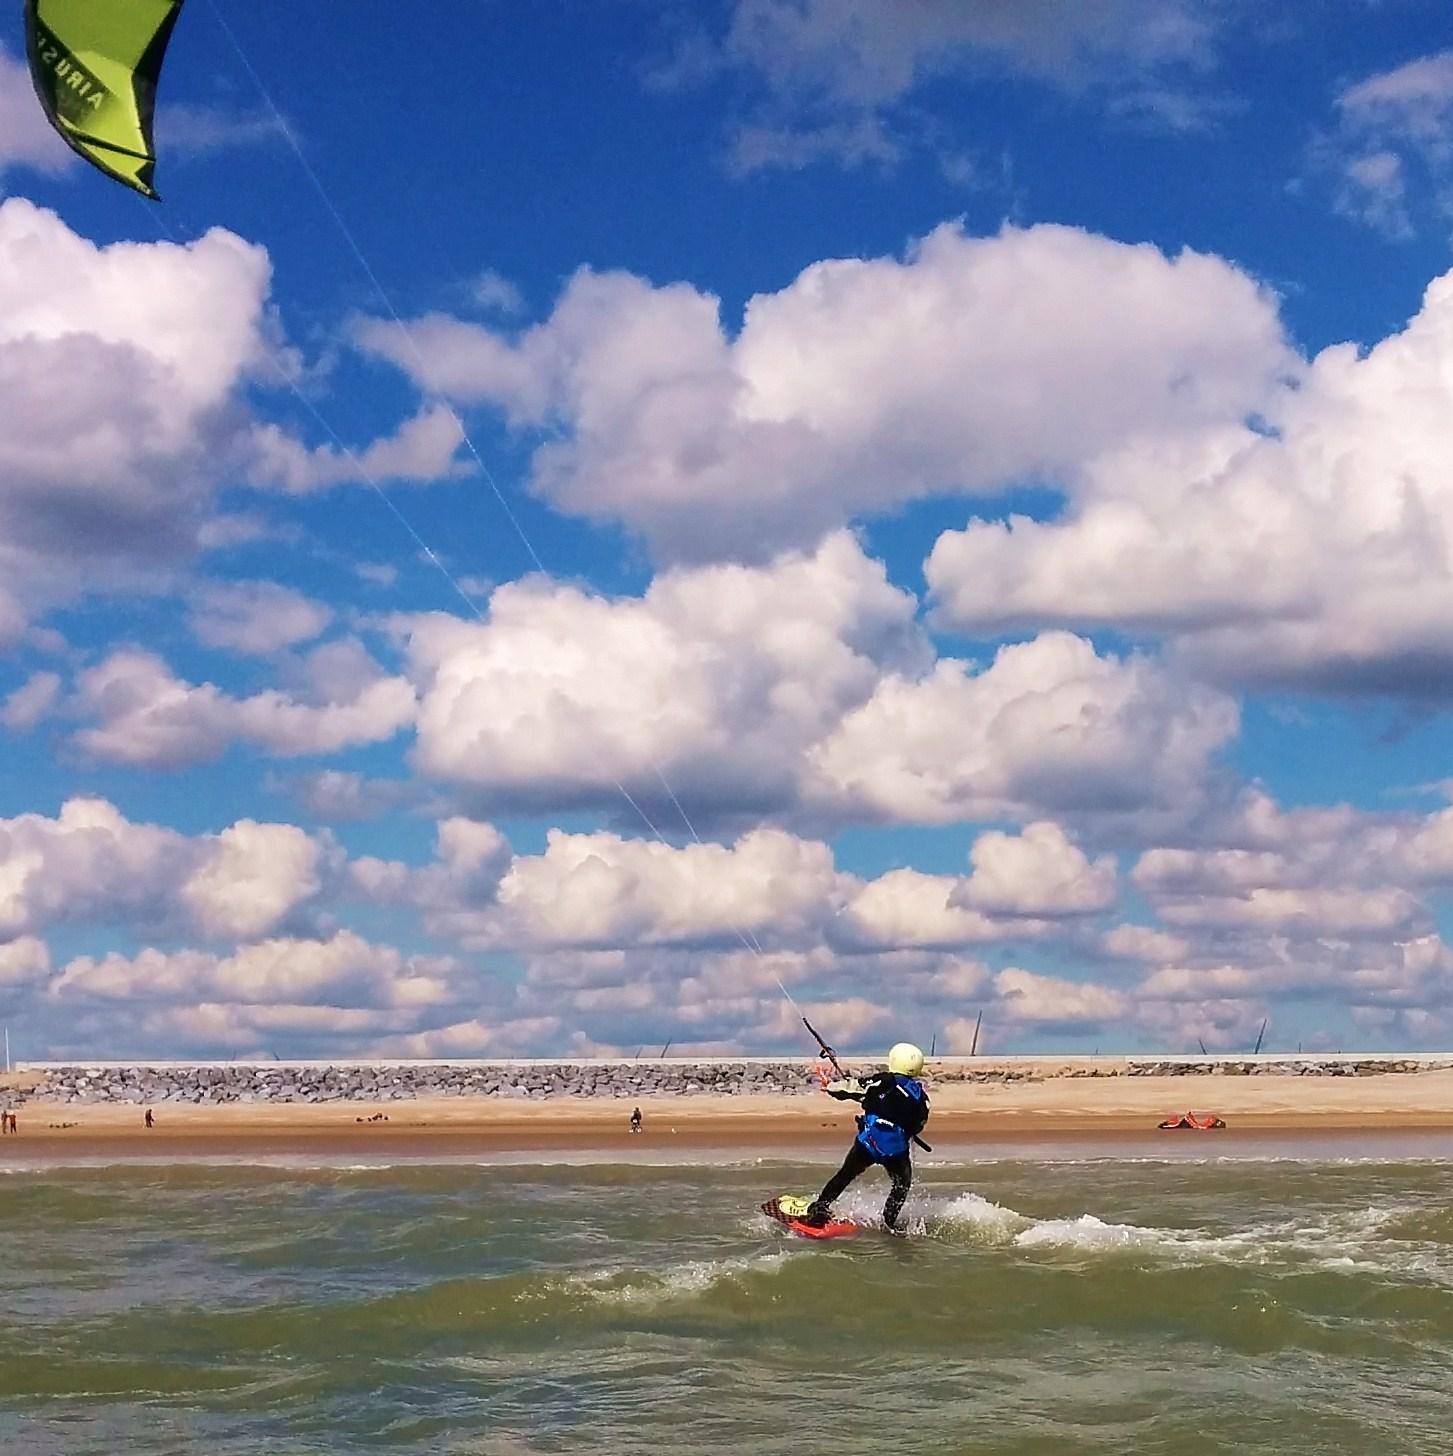 kitesurfing board lesson gift voucher